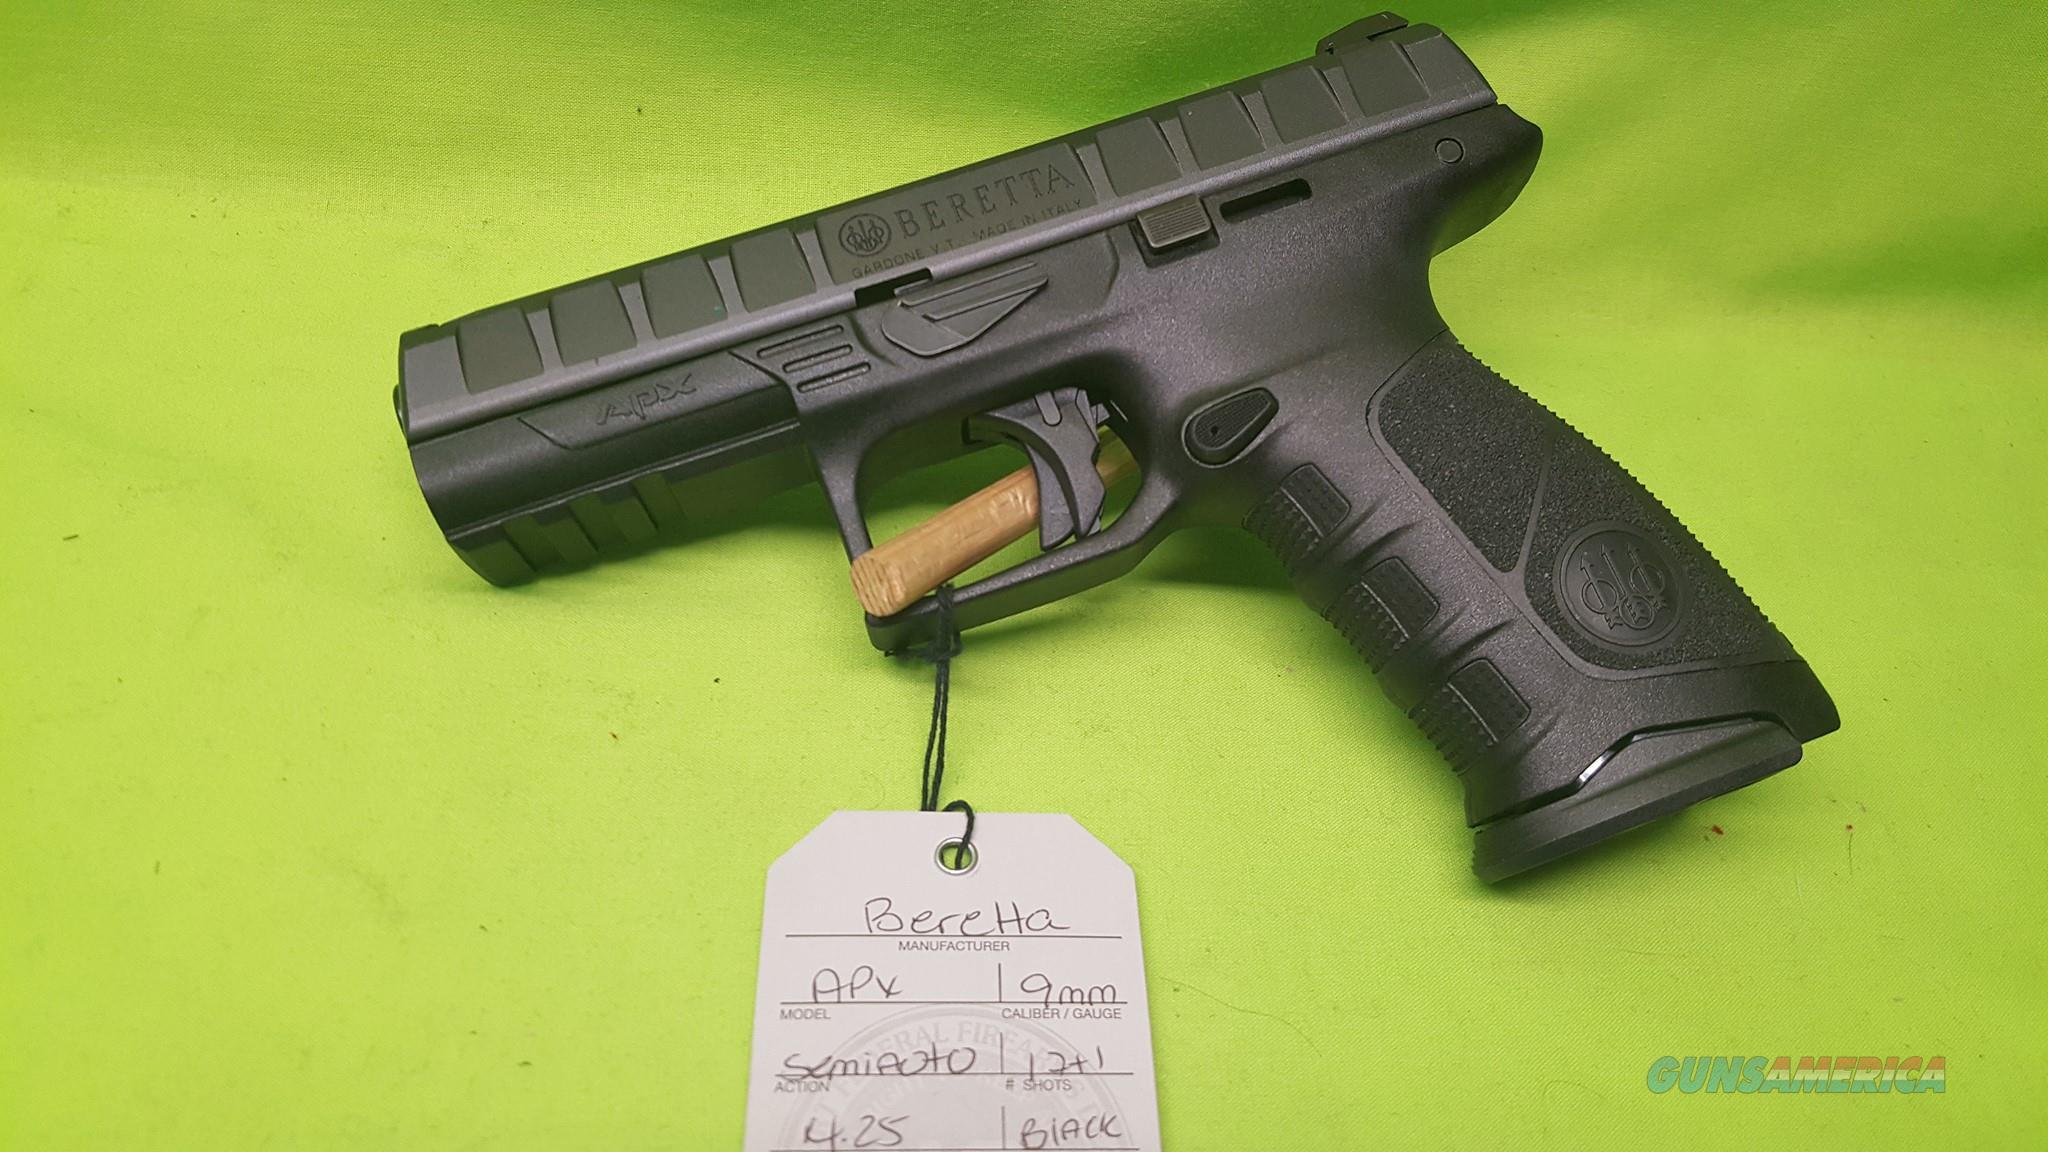 """BERETTA APX 9MM 9 MM 17RD 4.25"""" BLACK JAXF921  Guns > Pistols > Beretta Pistols > Polymer Frame"""